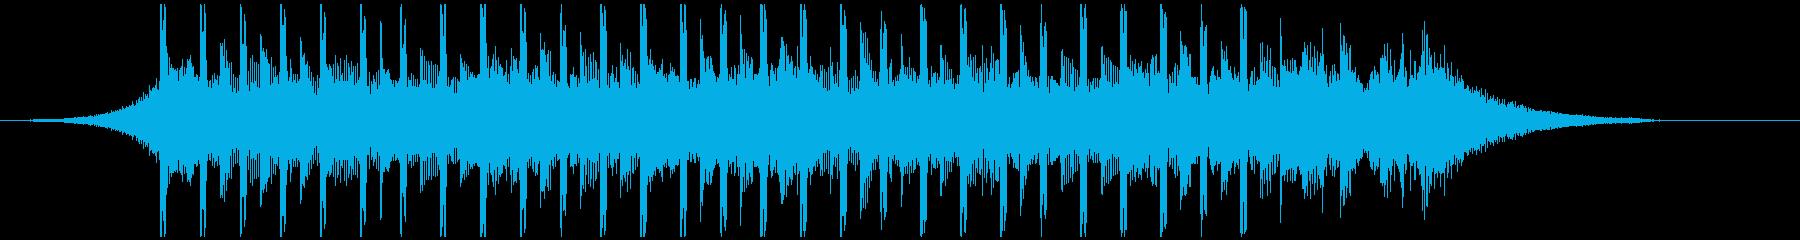 モダンコーポレート(ショート)の再生済みの波形